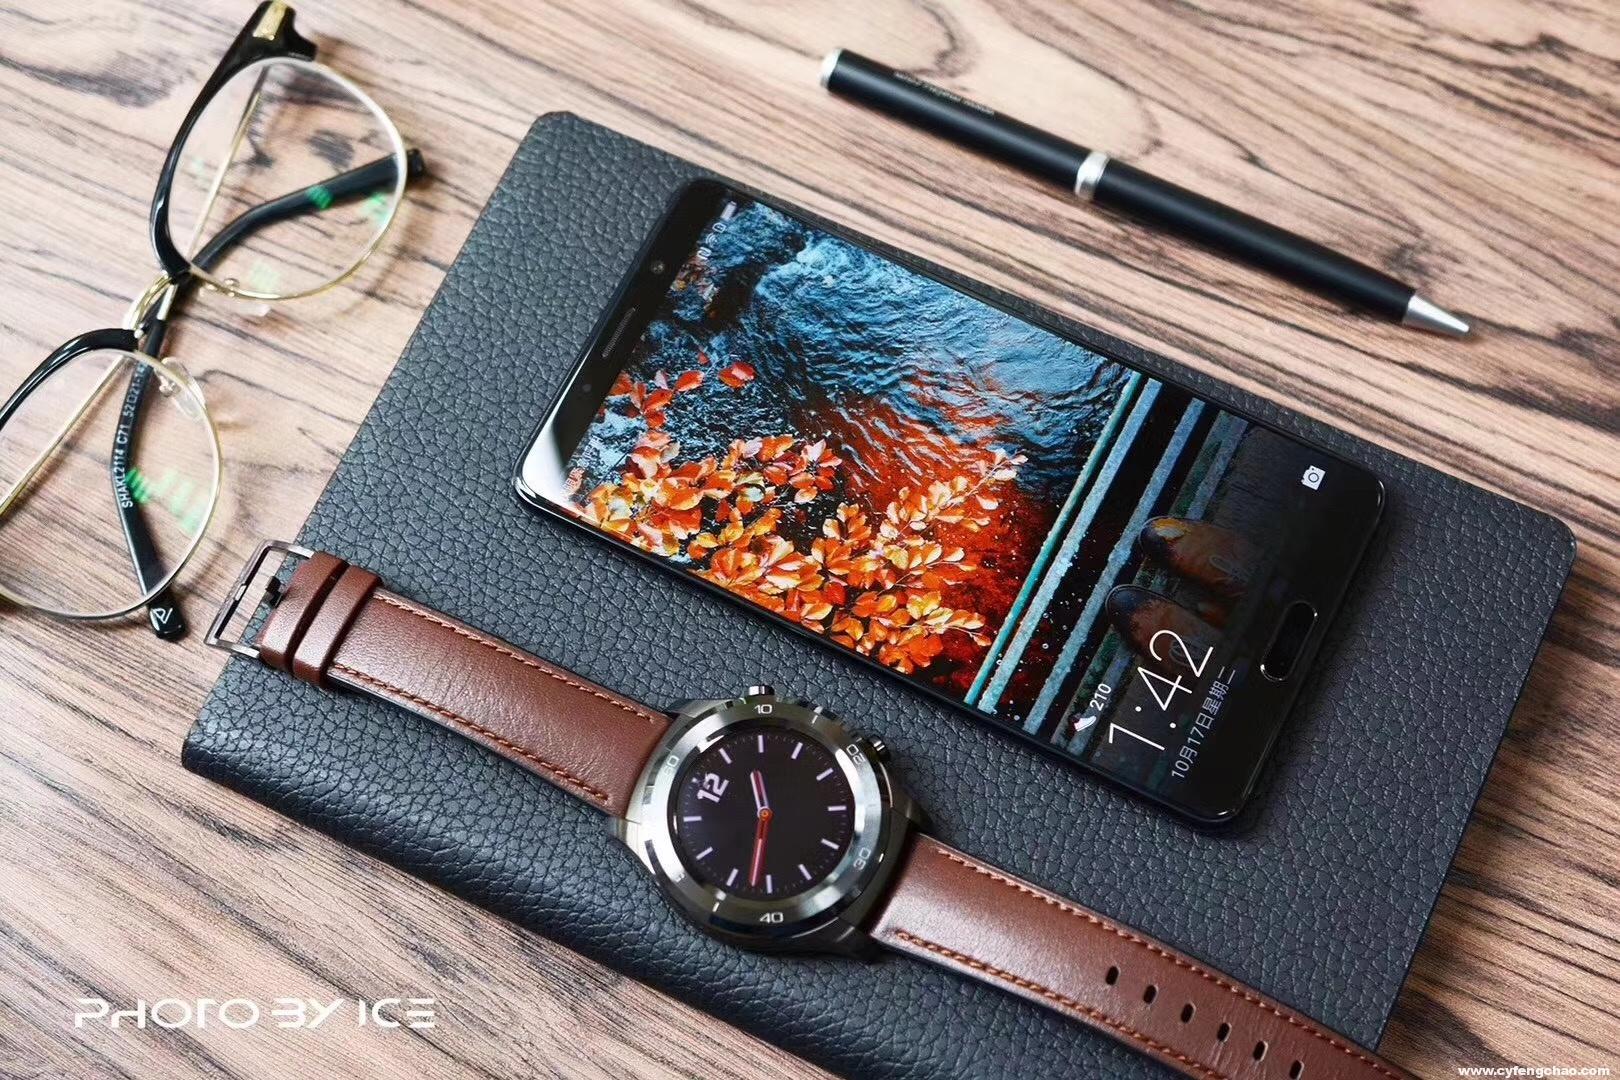 HUAWEI Mate 10系列手机正式开售,3899元起